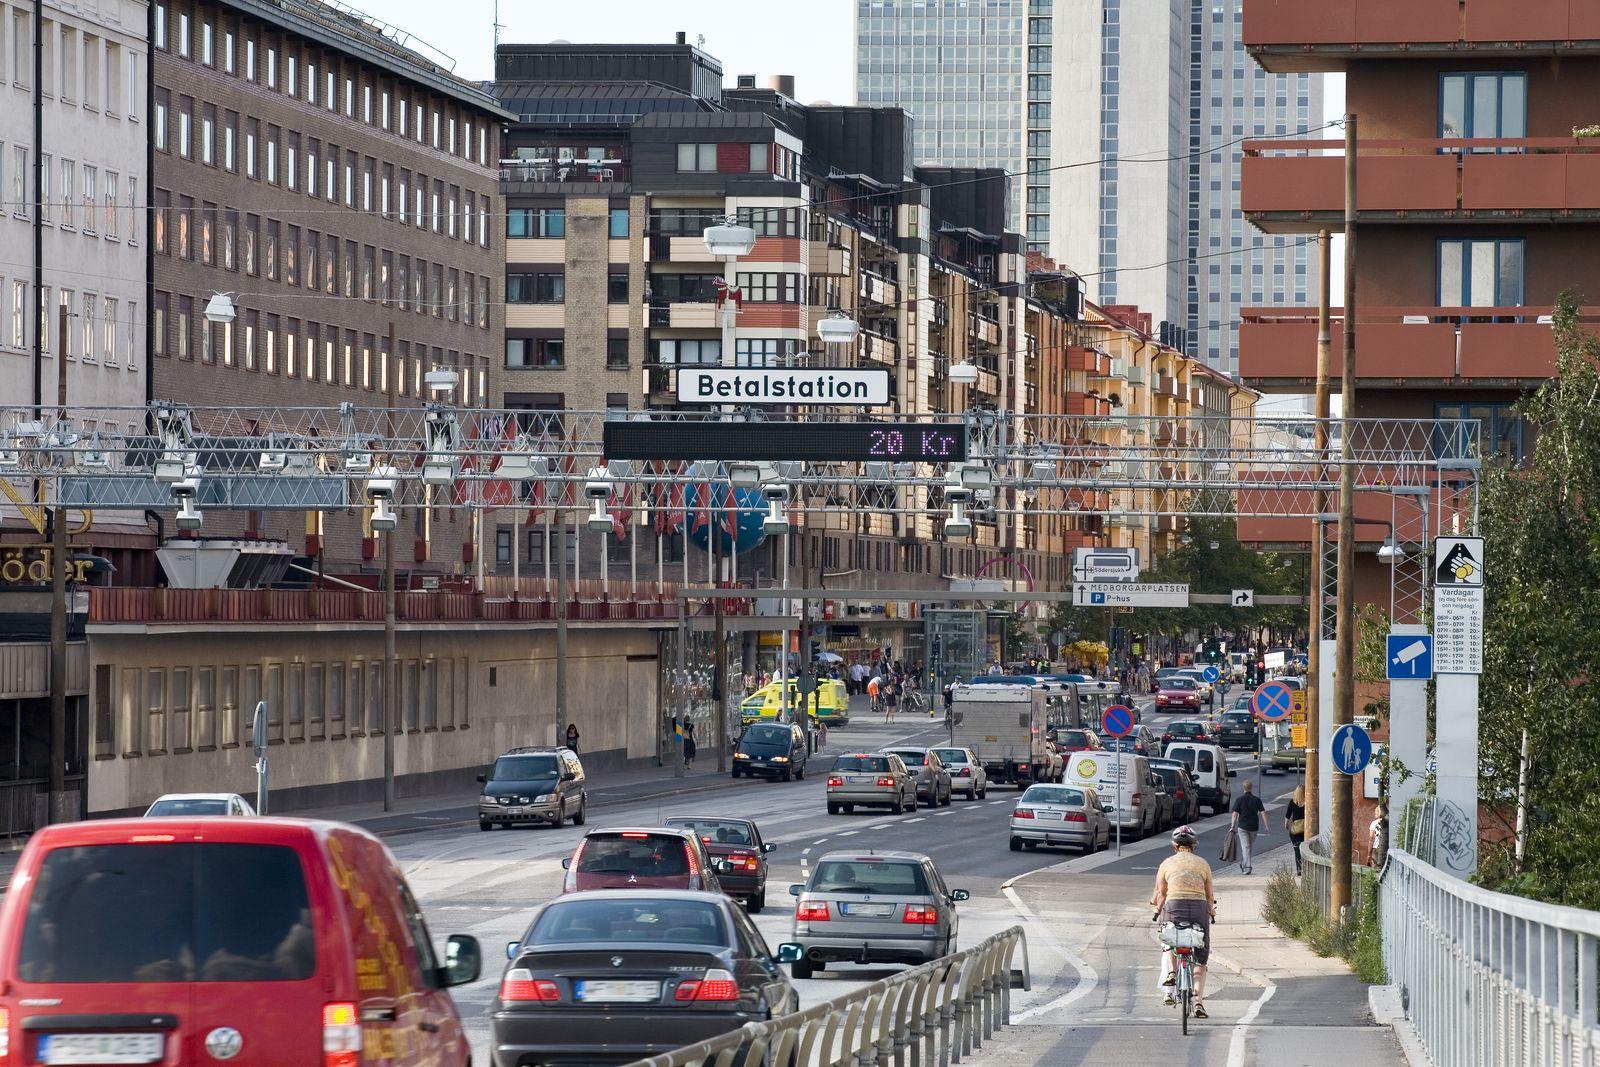 Stockholm: panouri cu camere la fiecare intrare în oraș, care scanează numărul de înmatriculare. La finalul lunii primești factura pentru taxă de congestie, prin poștă.